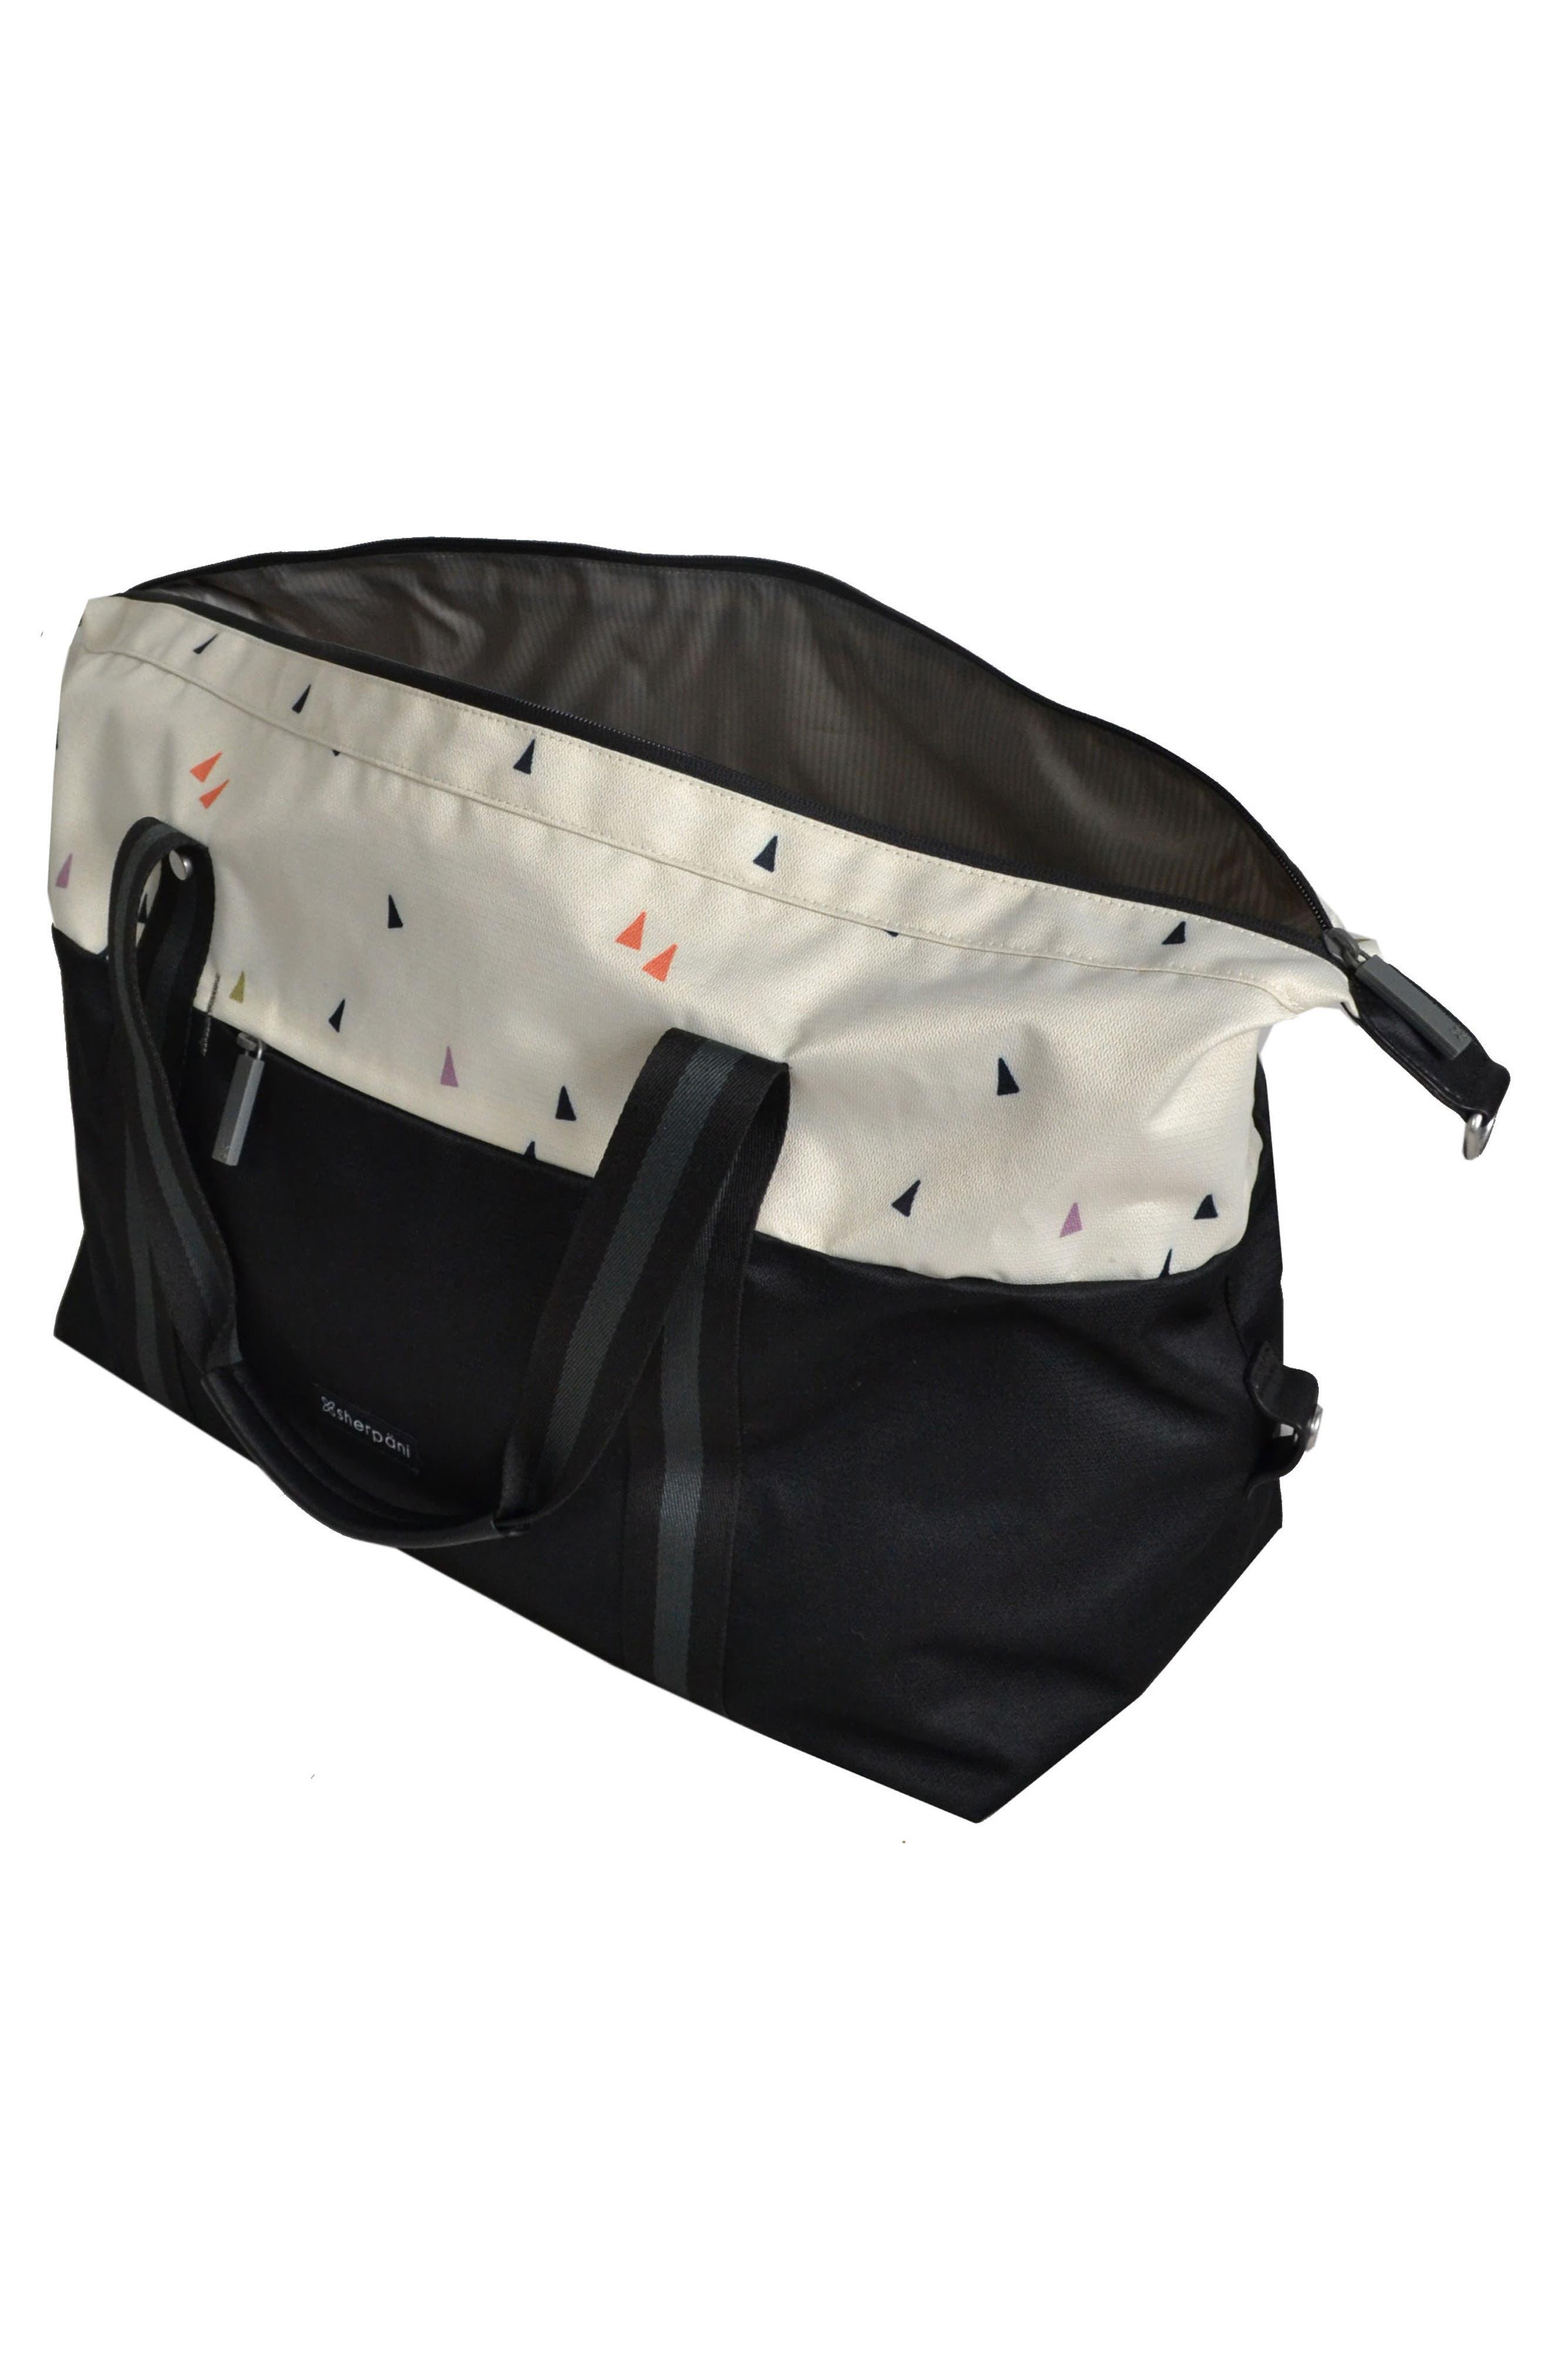 Alternate Image 3  - Sherpani Finn Overnighter Duffel Bag